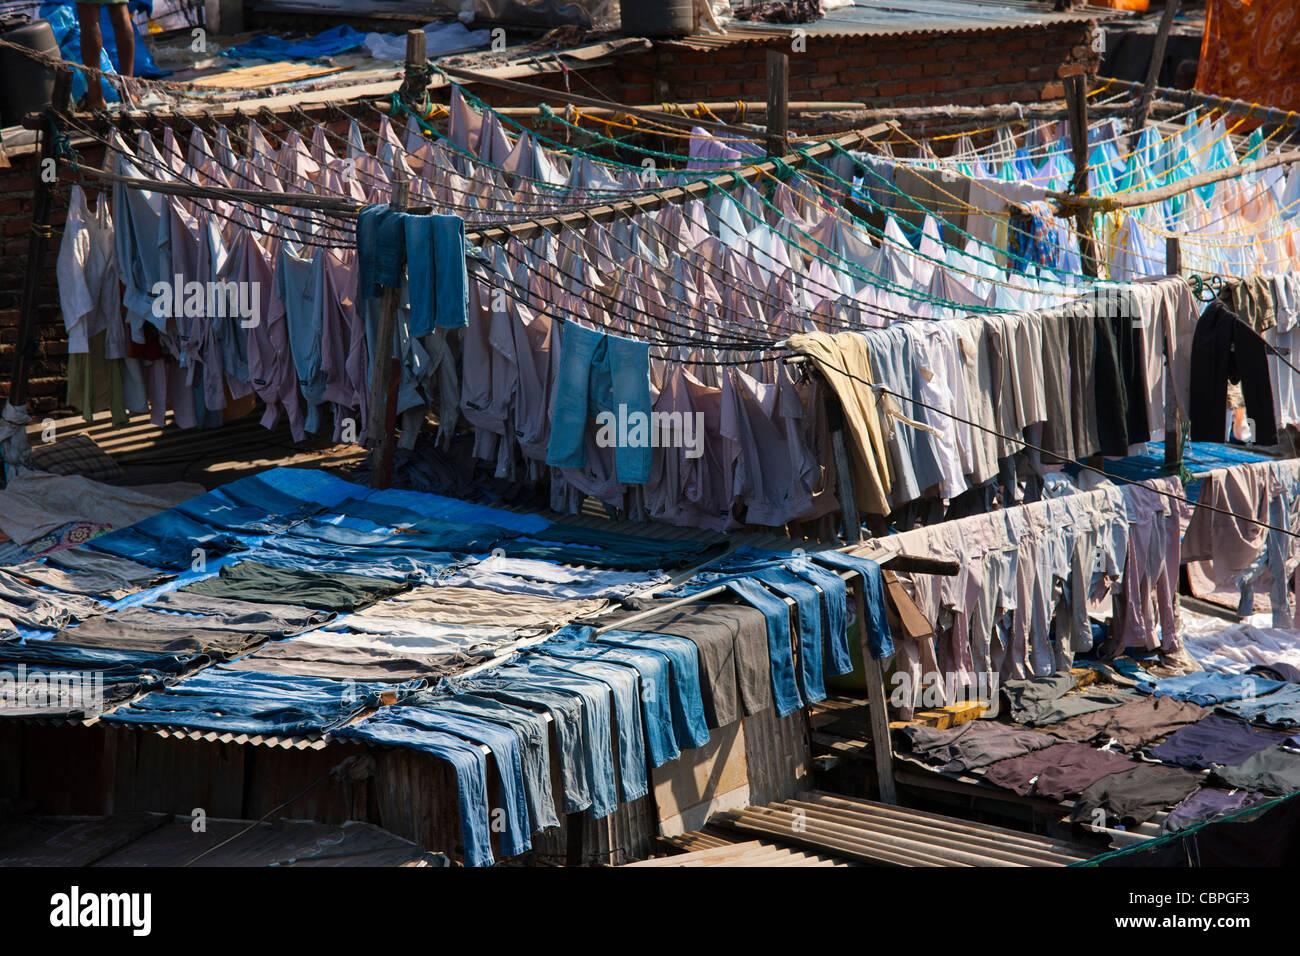 La blanchisserie professionnelle traditionnelle indienne, Dhobi Ghat, dans la région de Mahalaxmi Mumbai, Inde Photo Stock